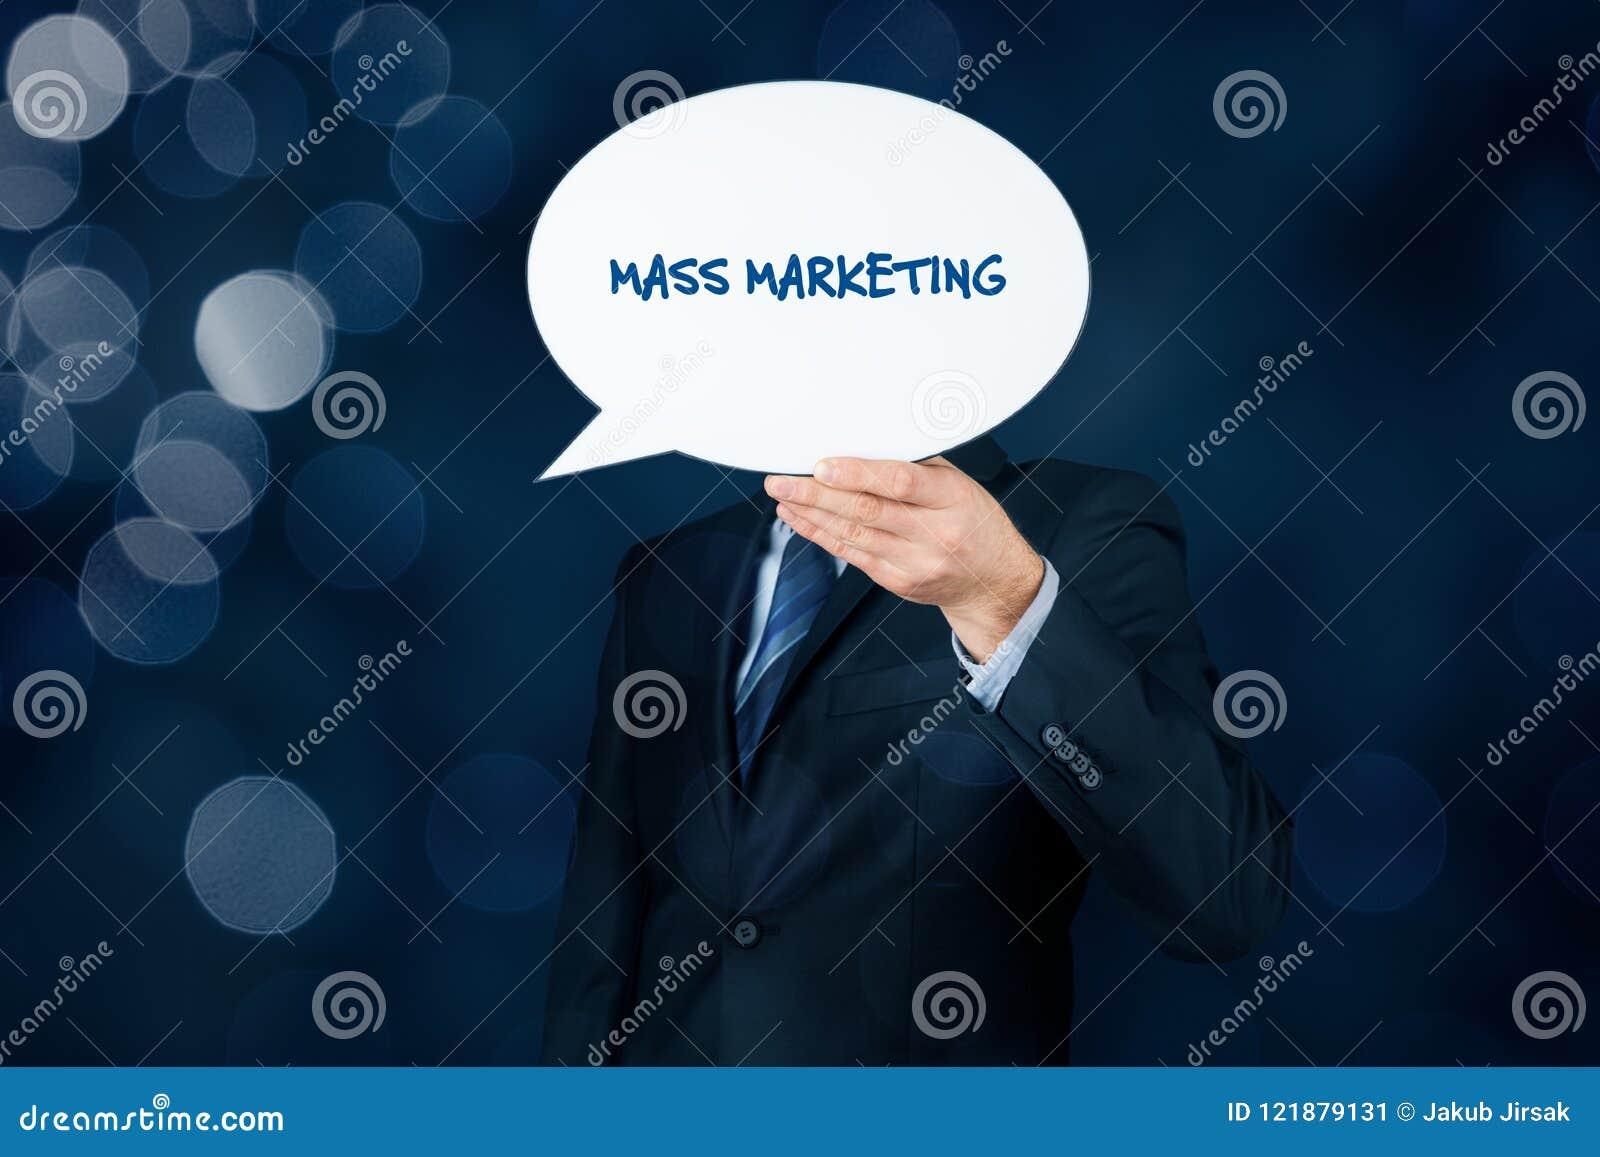 Μαζικό μάρκετινγκ